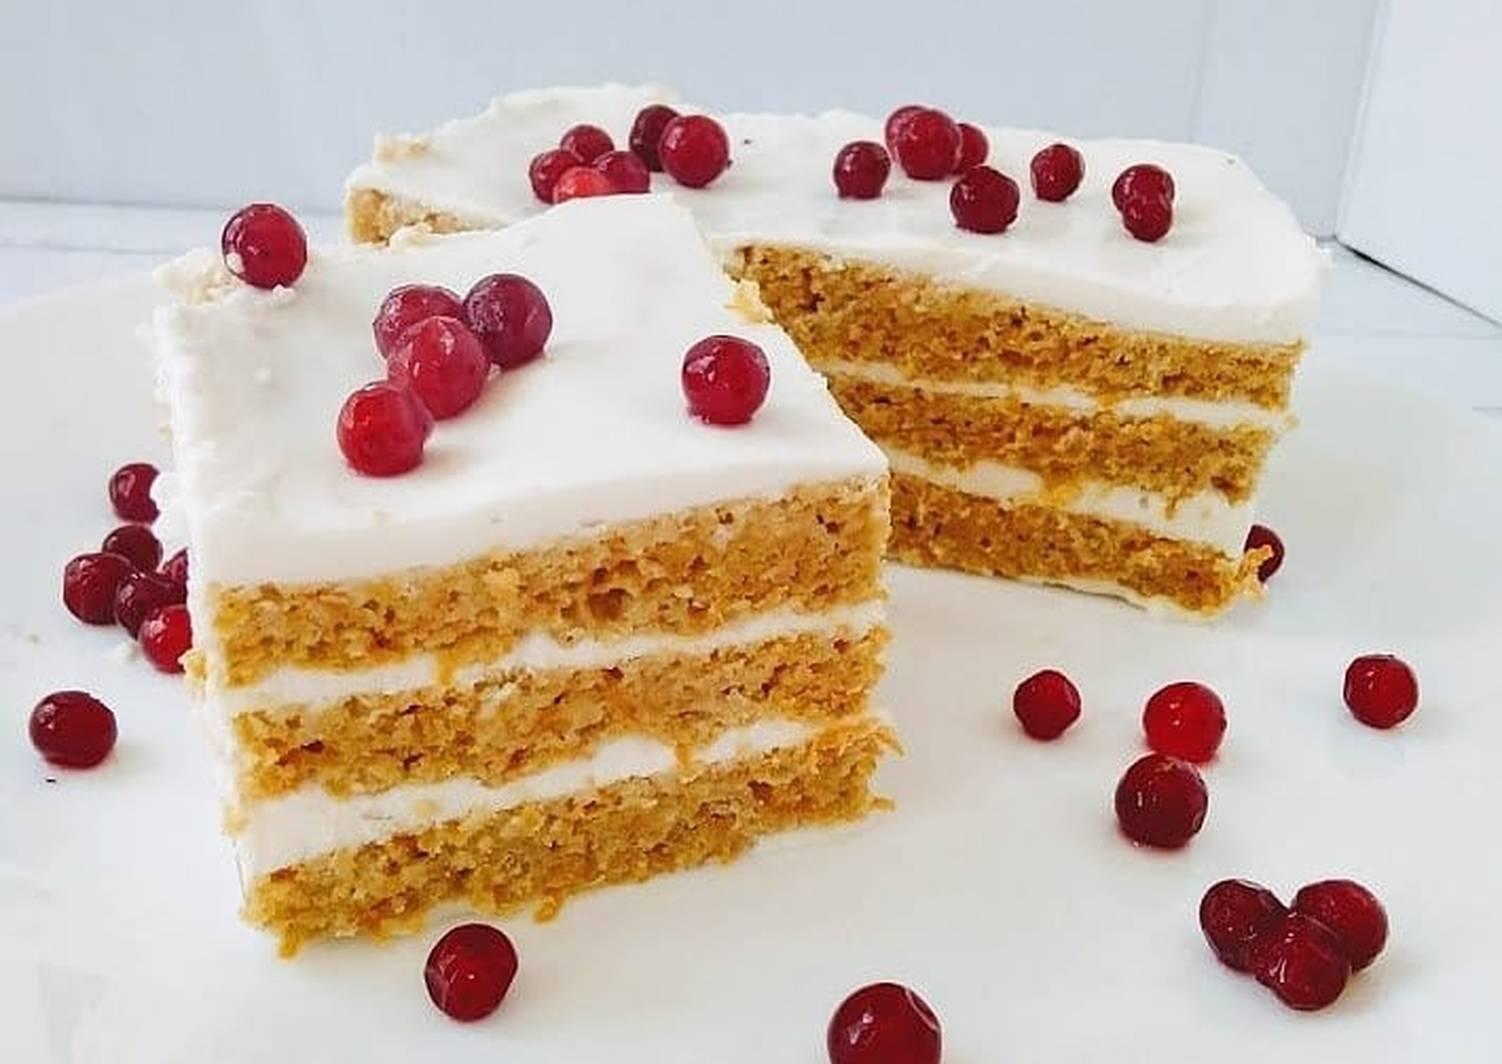 Диетический торт - рецепт в домашних условиях пошагово и с фото